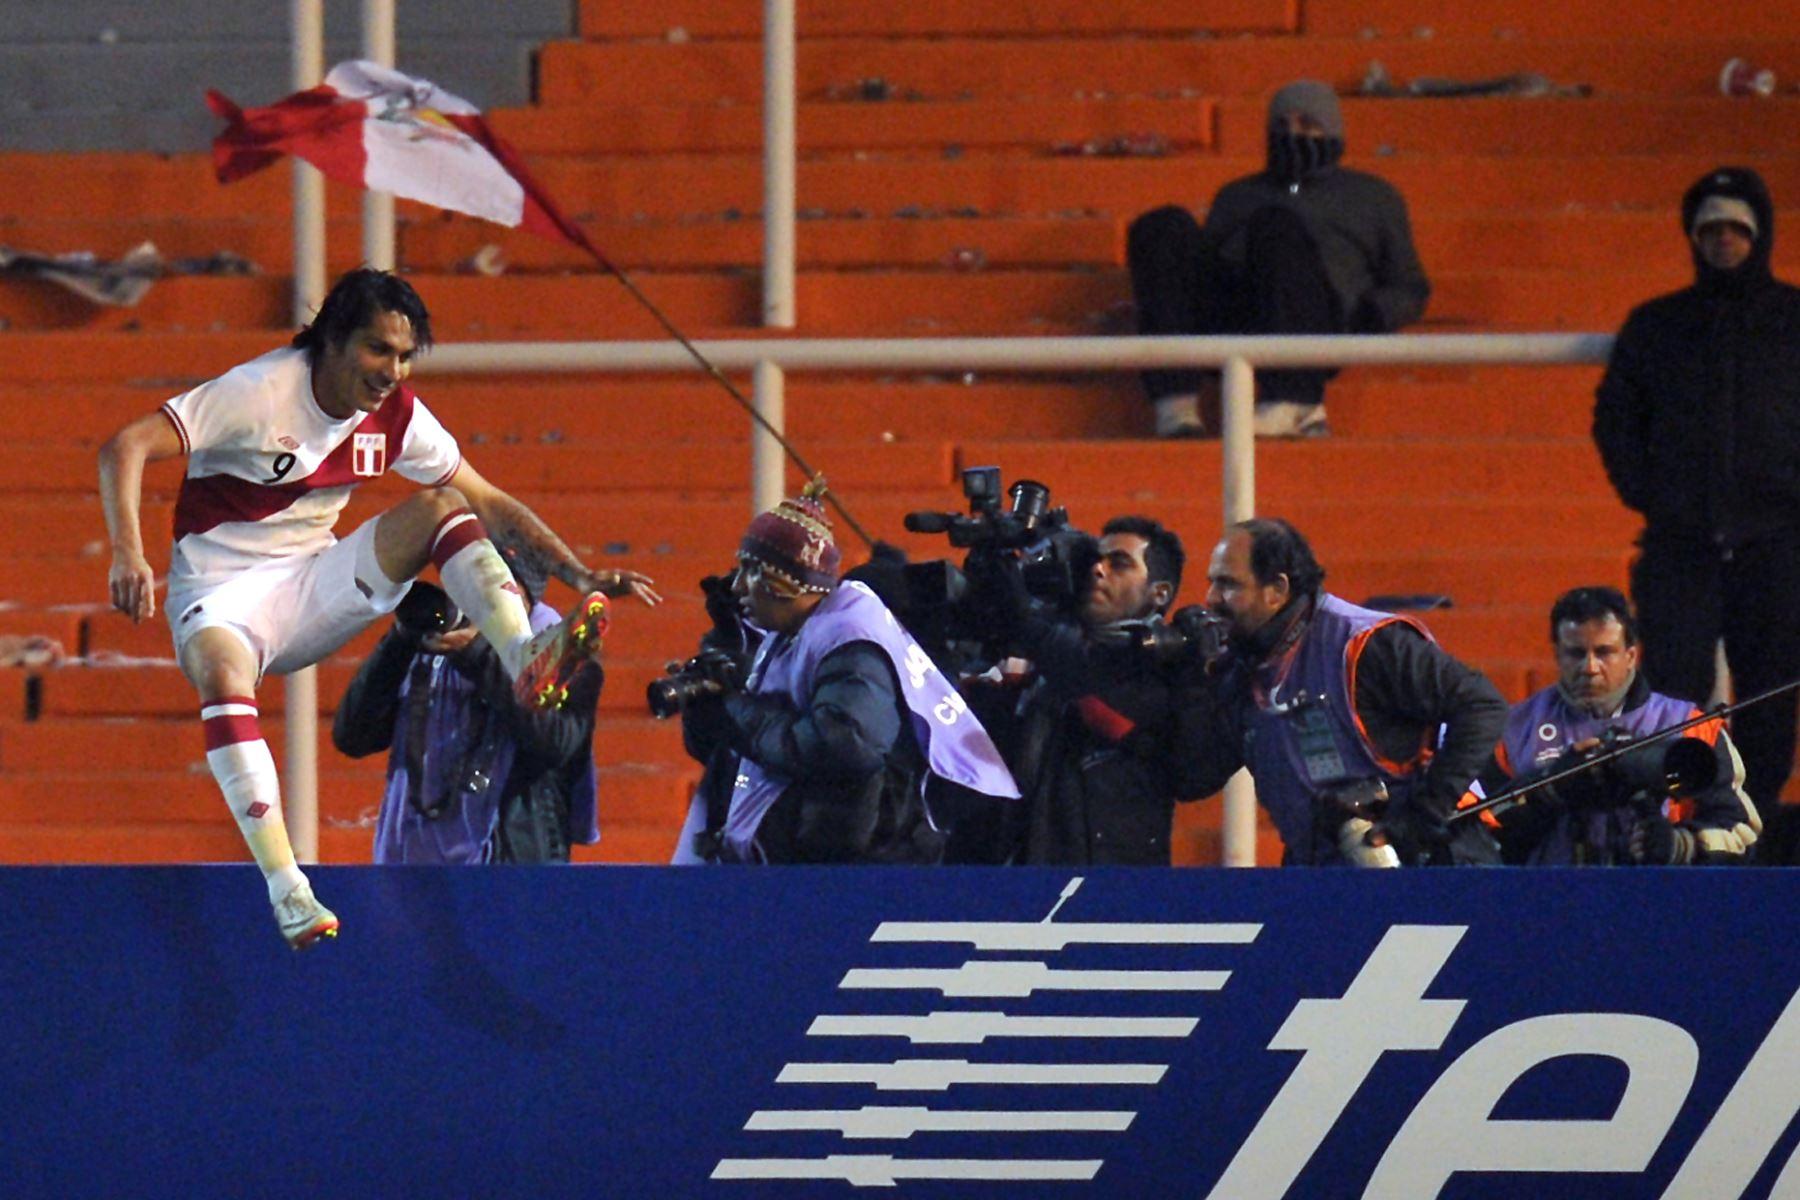 El delantero peruano Paolo Guerrero celebra después de marcar contra México durante un partido de fútbol de primera ronda de la Copa América Grupo C 2011 celebrado en el estadio Malvinas  en Argentina. Foto:AFP